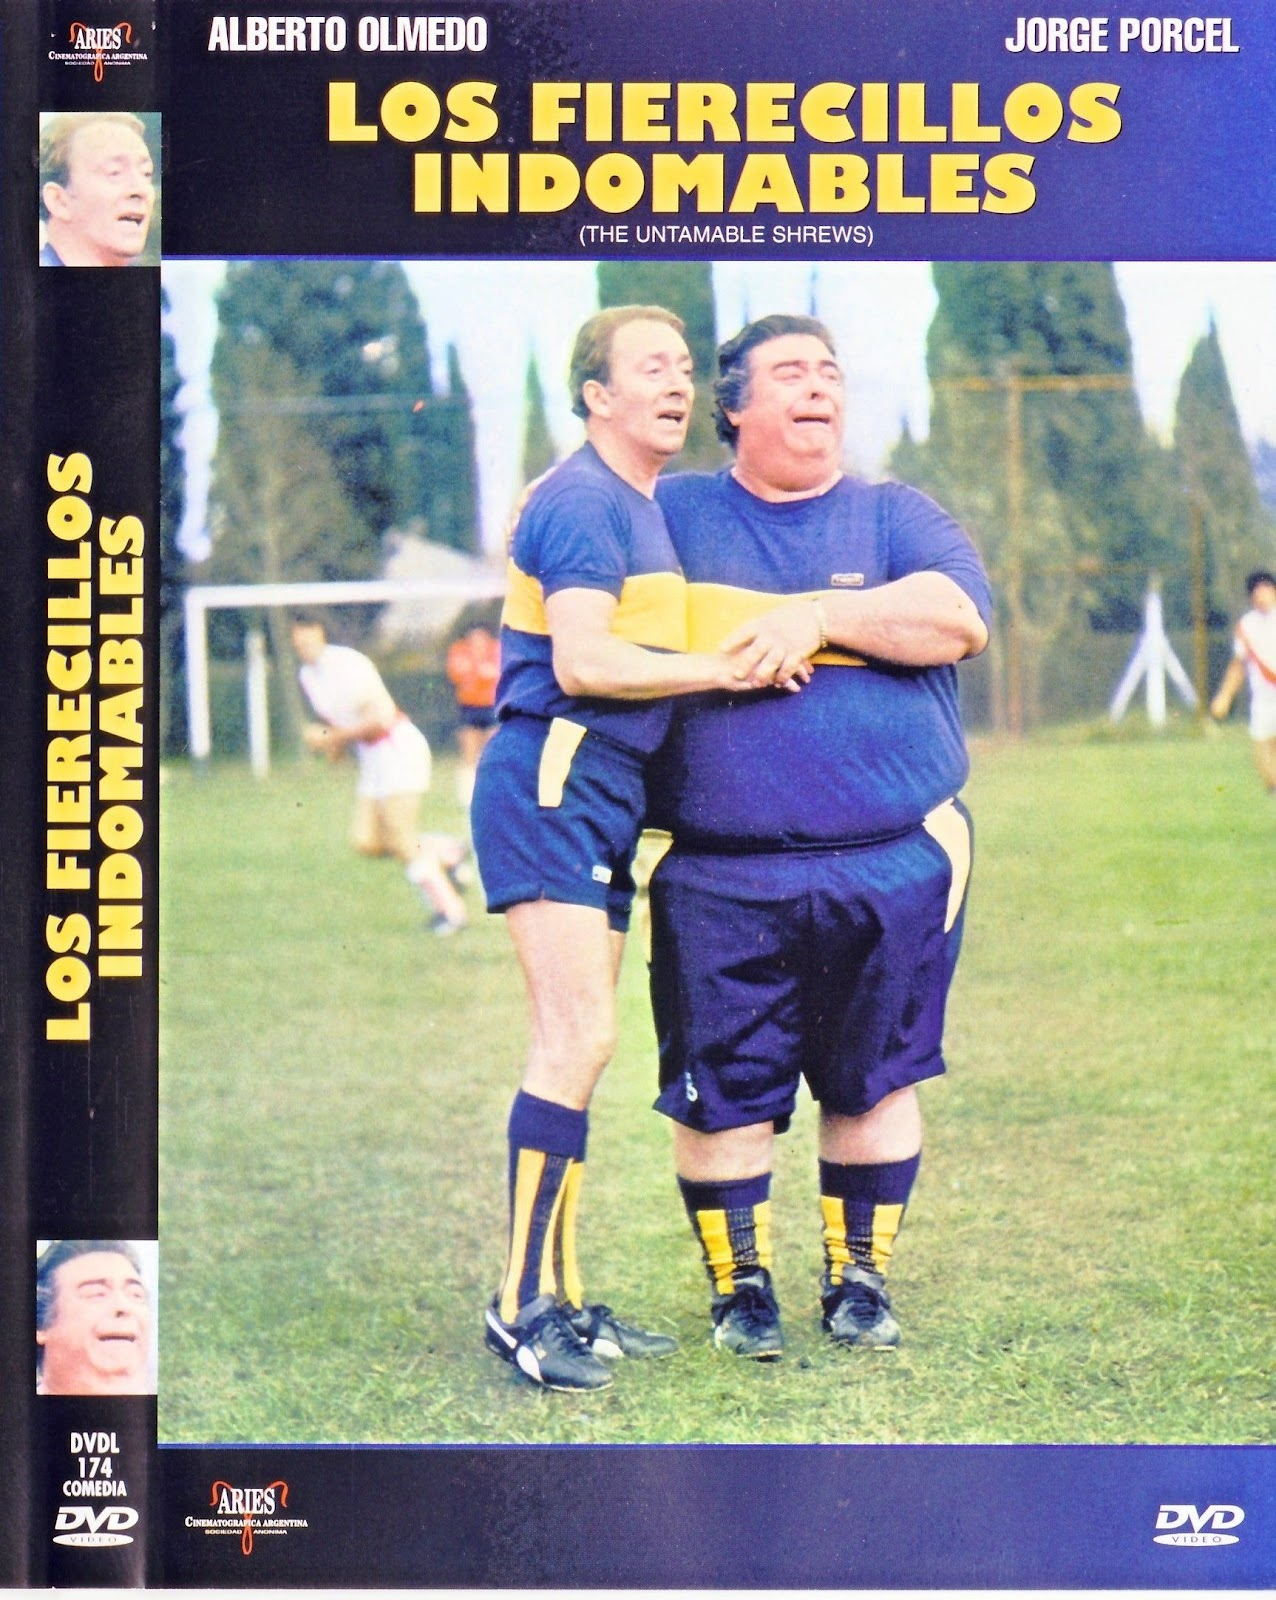 Los Indomables Tomado De: Biografo 80: Los Fierecillos Indomables